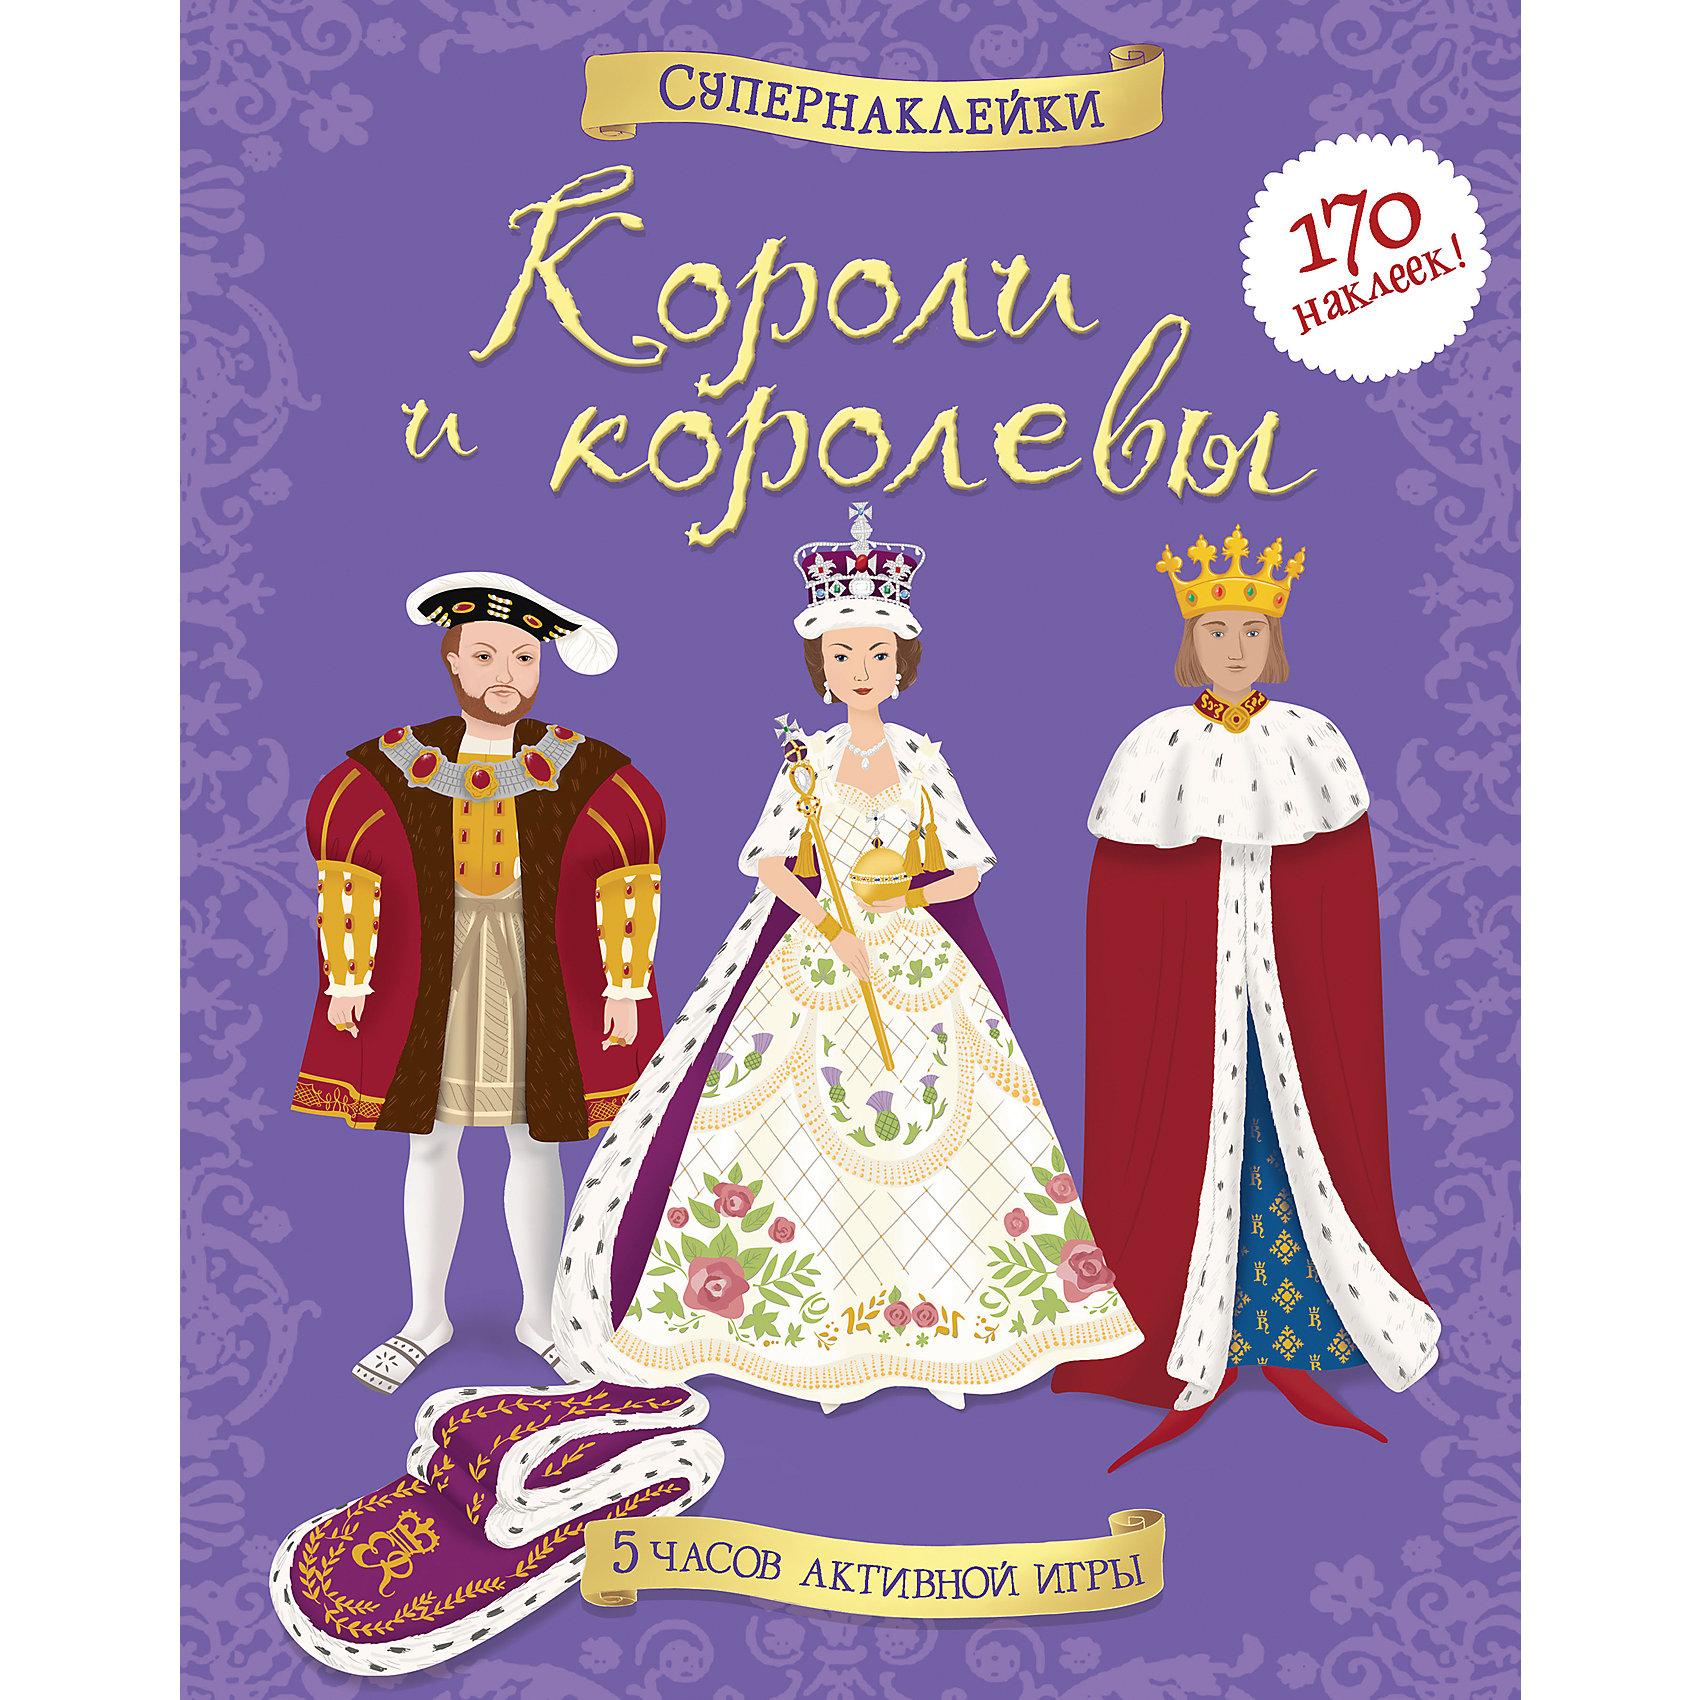 Короли и королевы, СупернаклейкиУзнай всё о королевских нарядах!<br>Шикарные мантии, шёлковые платья с пышными юбками, сияющие короны, драгоценные украшения и другие предметы роскоши ты найдёшь на наклейках в этой книжке. <br><br>Читаем и играем! Развиваем внимание, воображение, мелкую моторику и художественный вкус.<br><br>Ширина мм: 305<br>Глубина мм: 240<br>Высота мм: 4<br>Вес г: 299<br>Возраст от месяцев: 84<br>Возраст до месяцев: 120<br>Пол: Унисекс<br>Возраст: Детский<br>SKU: 4818138